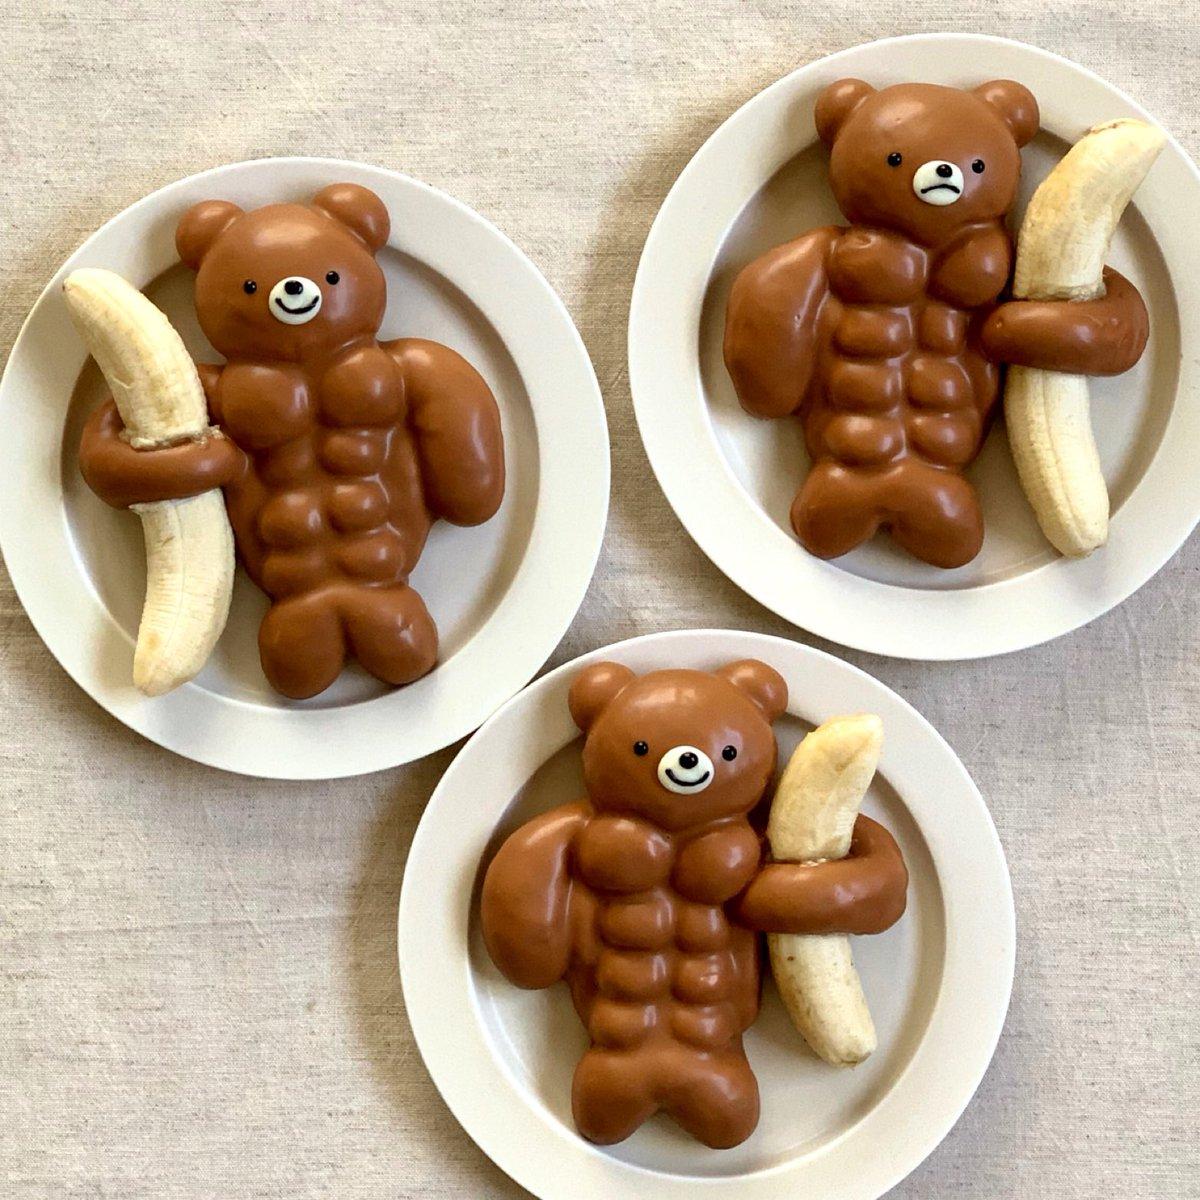 もうすぐバレンタインなので、筋肉くまパンをチョコレートでコーティングしてみたら、かわい過ぎたー😍